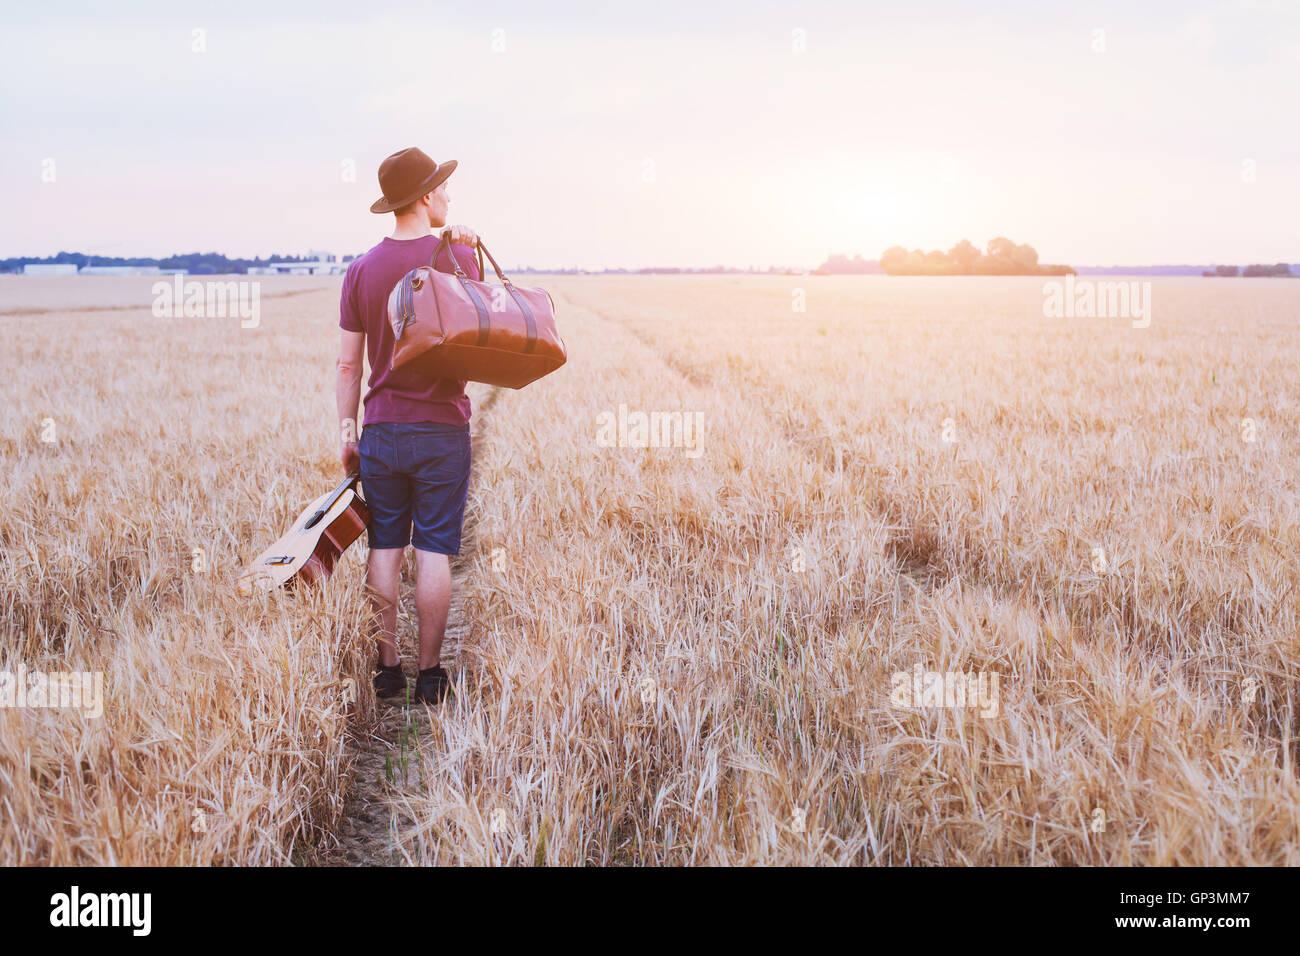 Joven hijo abandona el hogar, viajes románticos antecedentes, Hombre con Guitarra y bolsa de carretera caminando Imagen De Stock